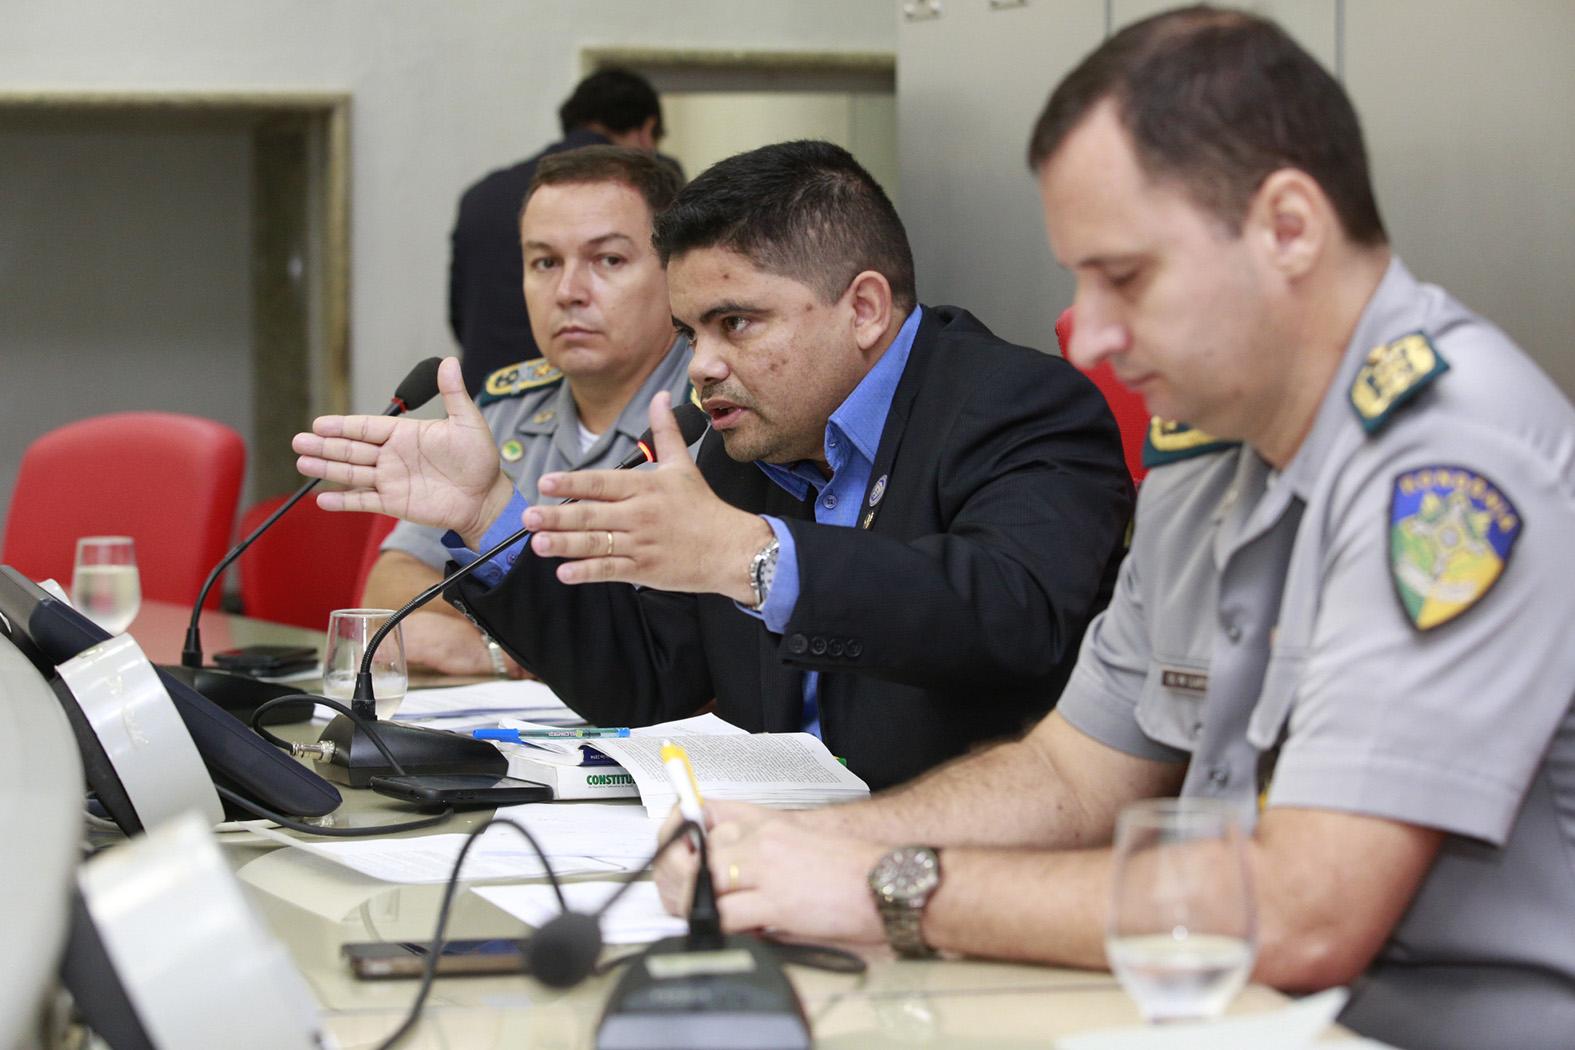 previdencia-dos-militares-do-estado-e-debatida-em-reuniao-na-assembleia.jpg